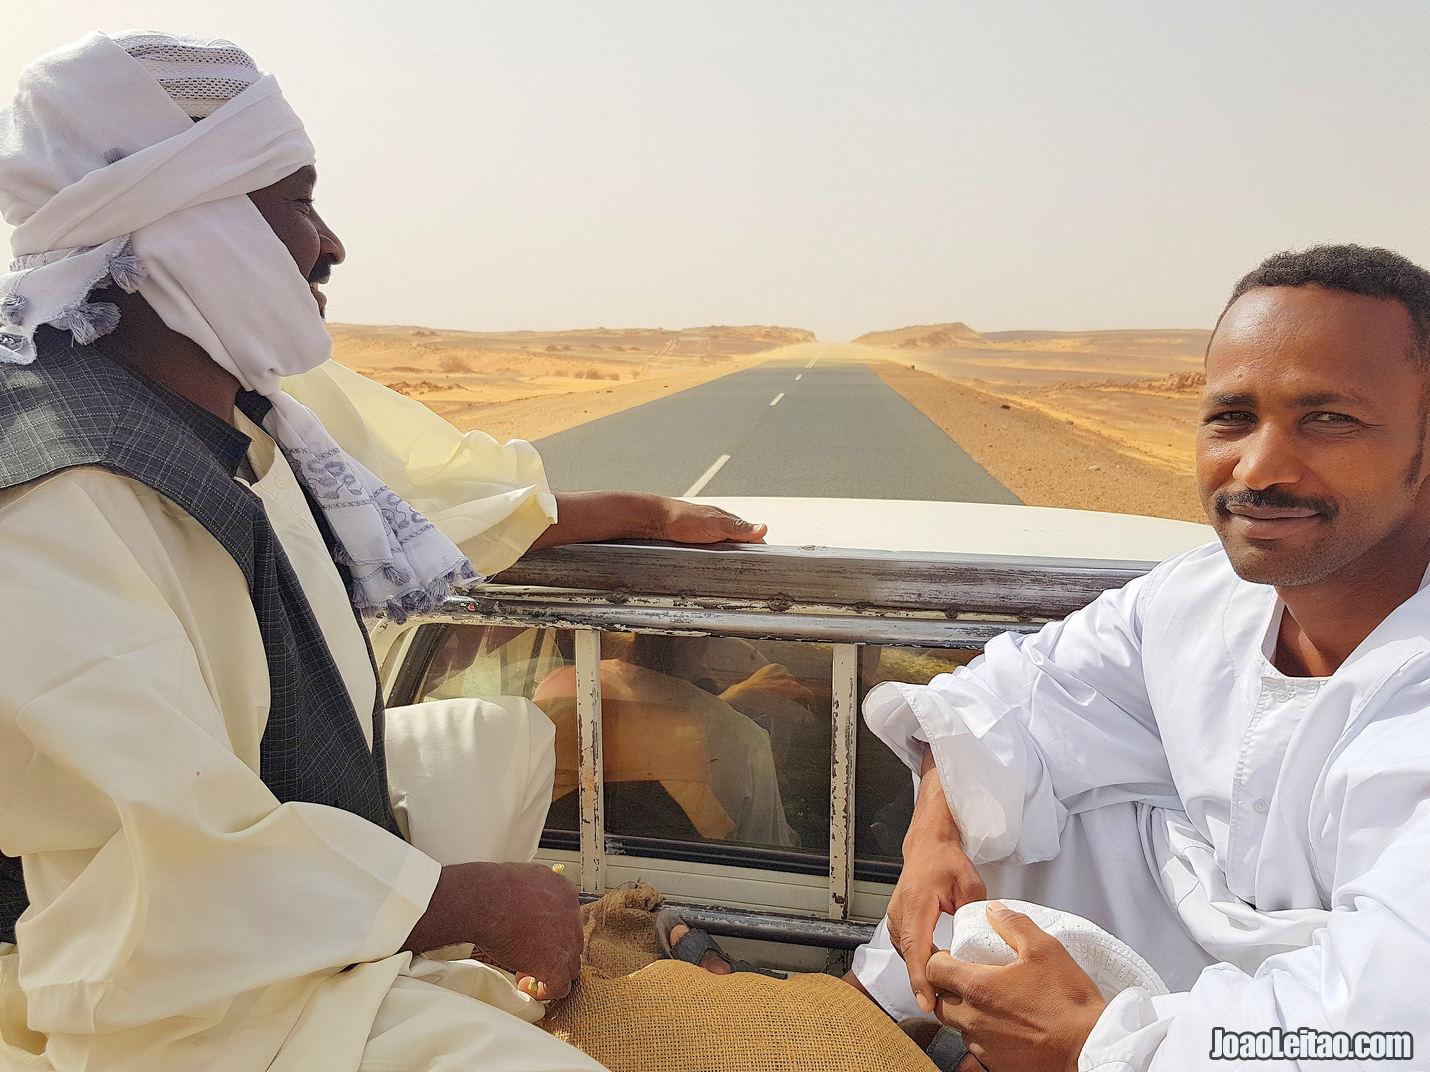 HITCHHIKING IN SUDAN